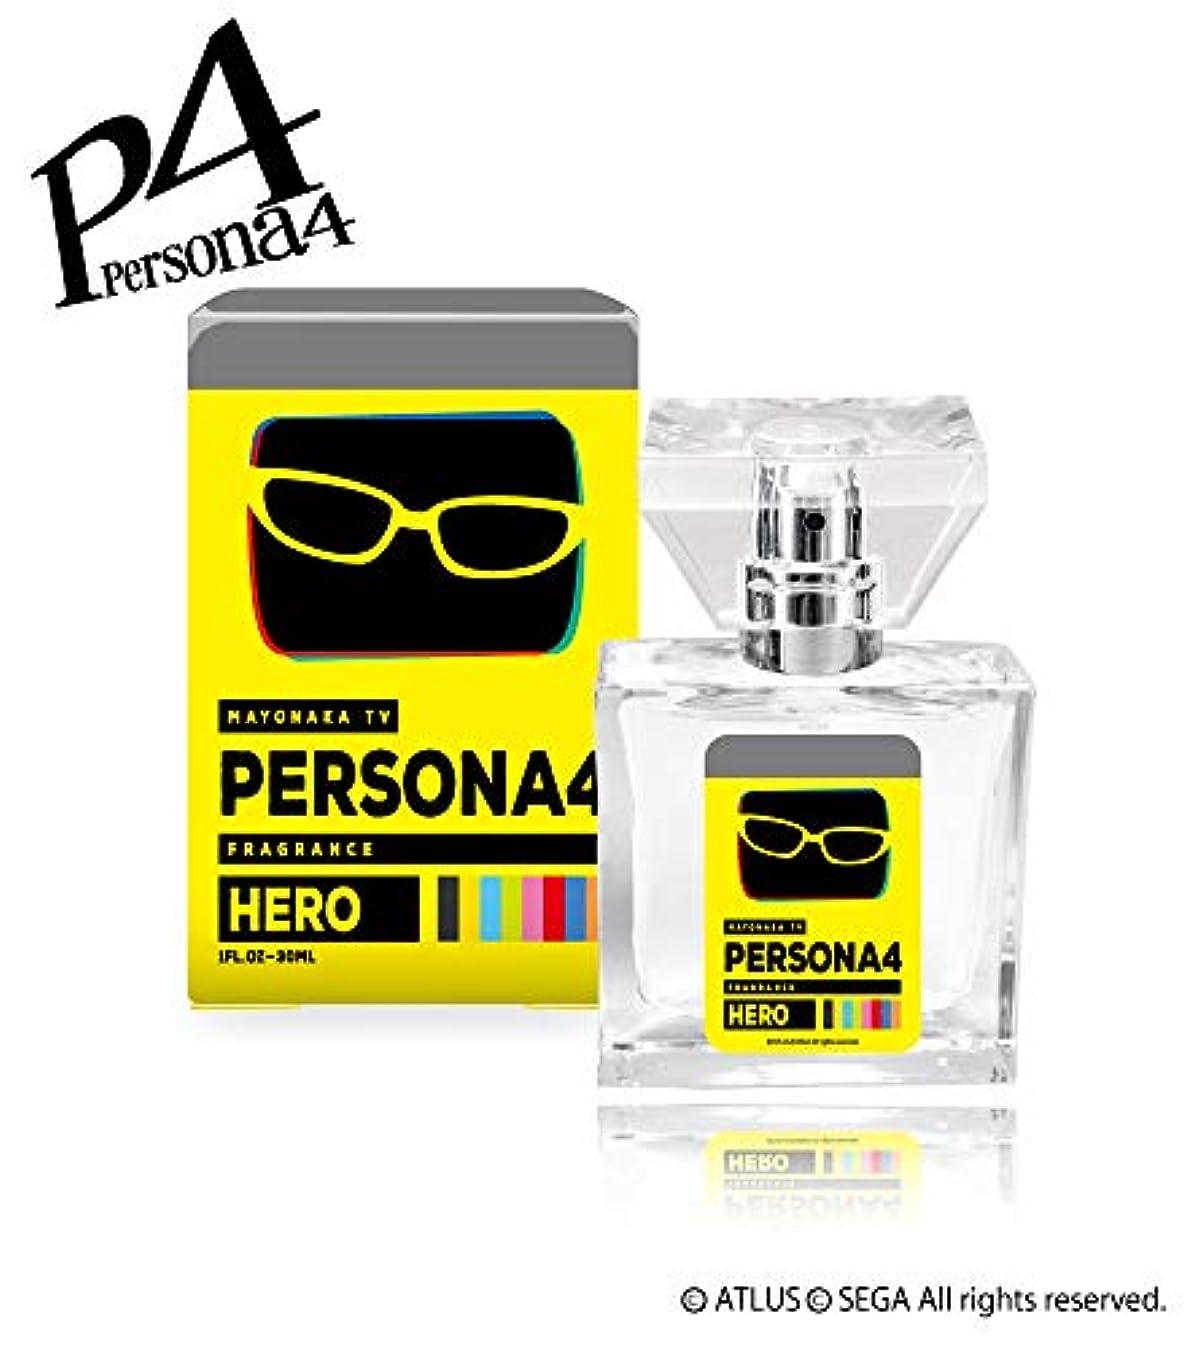 率直な透ける電気のプリマニアックス ペルソナ4 フレグランス 01.主人公